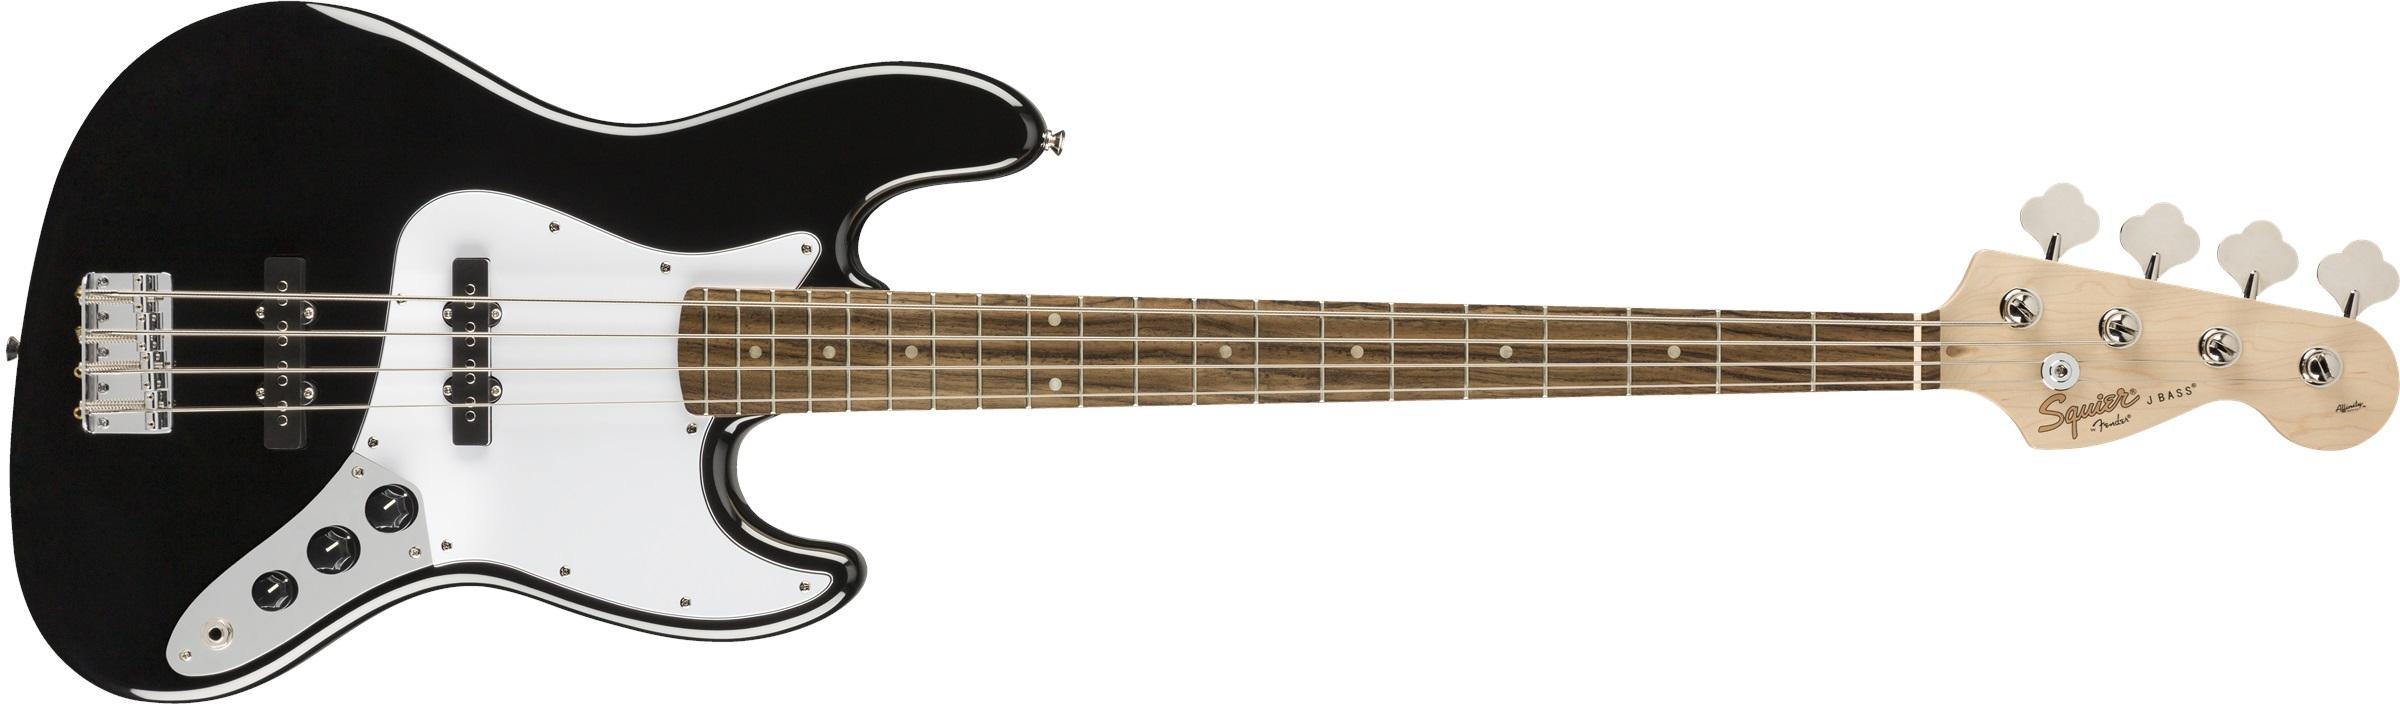 Fender Squier Affinity Jazz Bass LRL BK